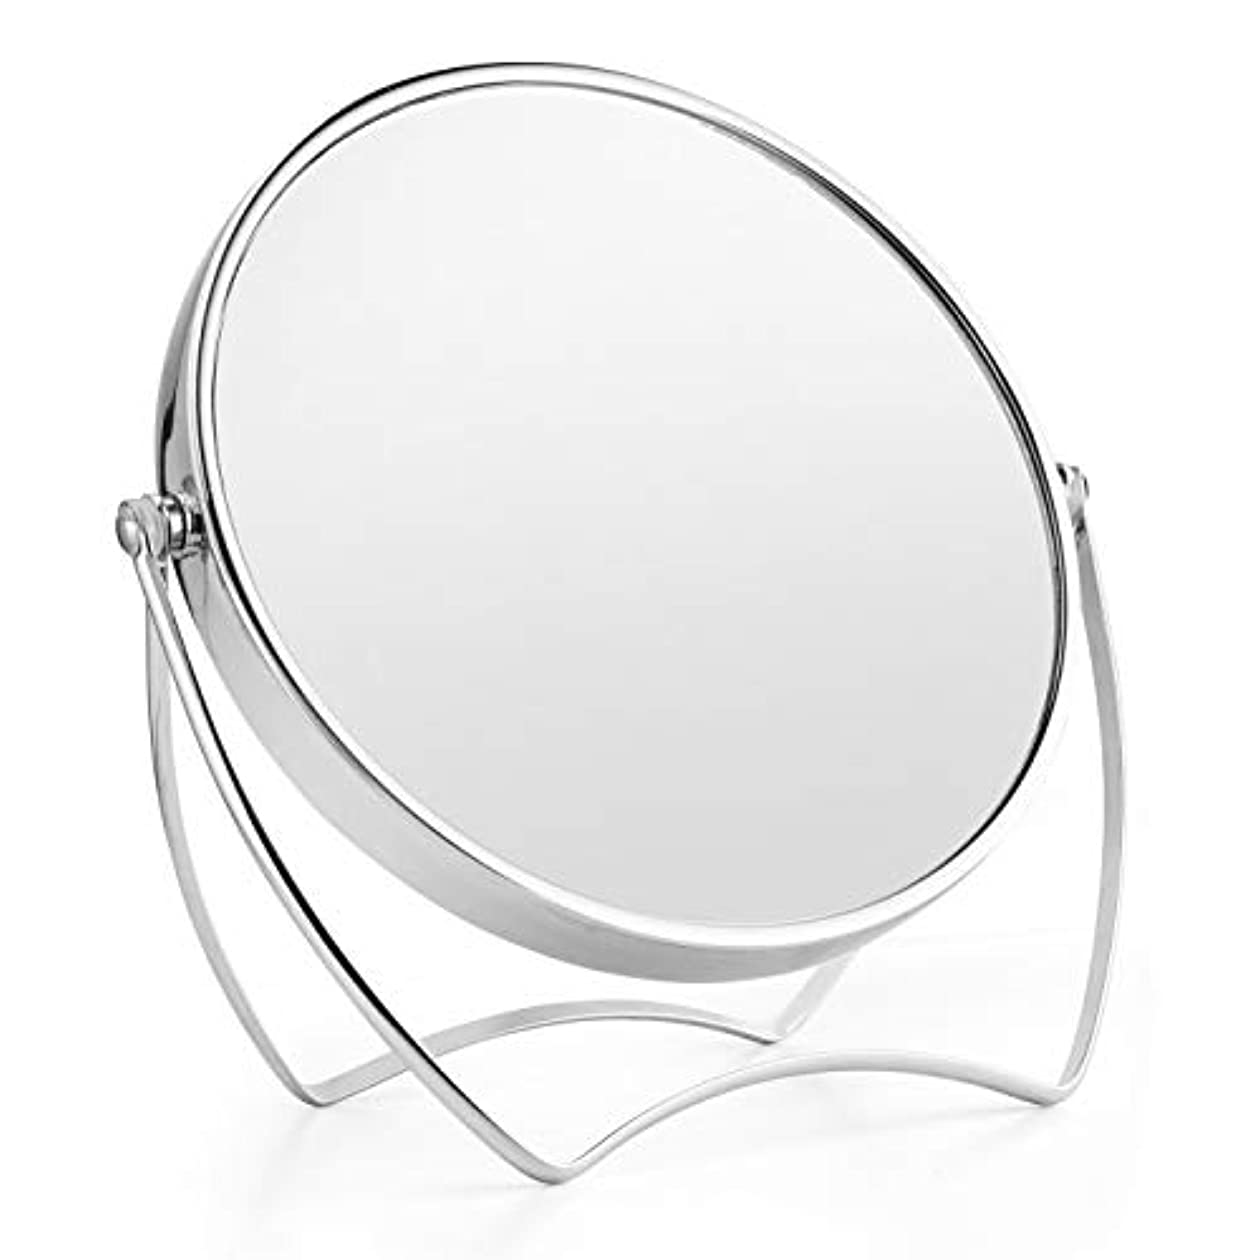 実り多い変成器年卓上ミラー 化粧鏡 1倍/5倍拡大鏡 メイクミラー 両面化粧鏡 ラウンドミラー 女優ミラー スタンドミラー 卓上鏡 360°回転ブラケット メタルフレームバニティミラー 寝室や浴室に適しています(15cm)